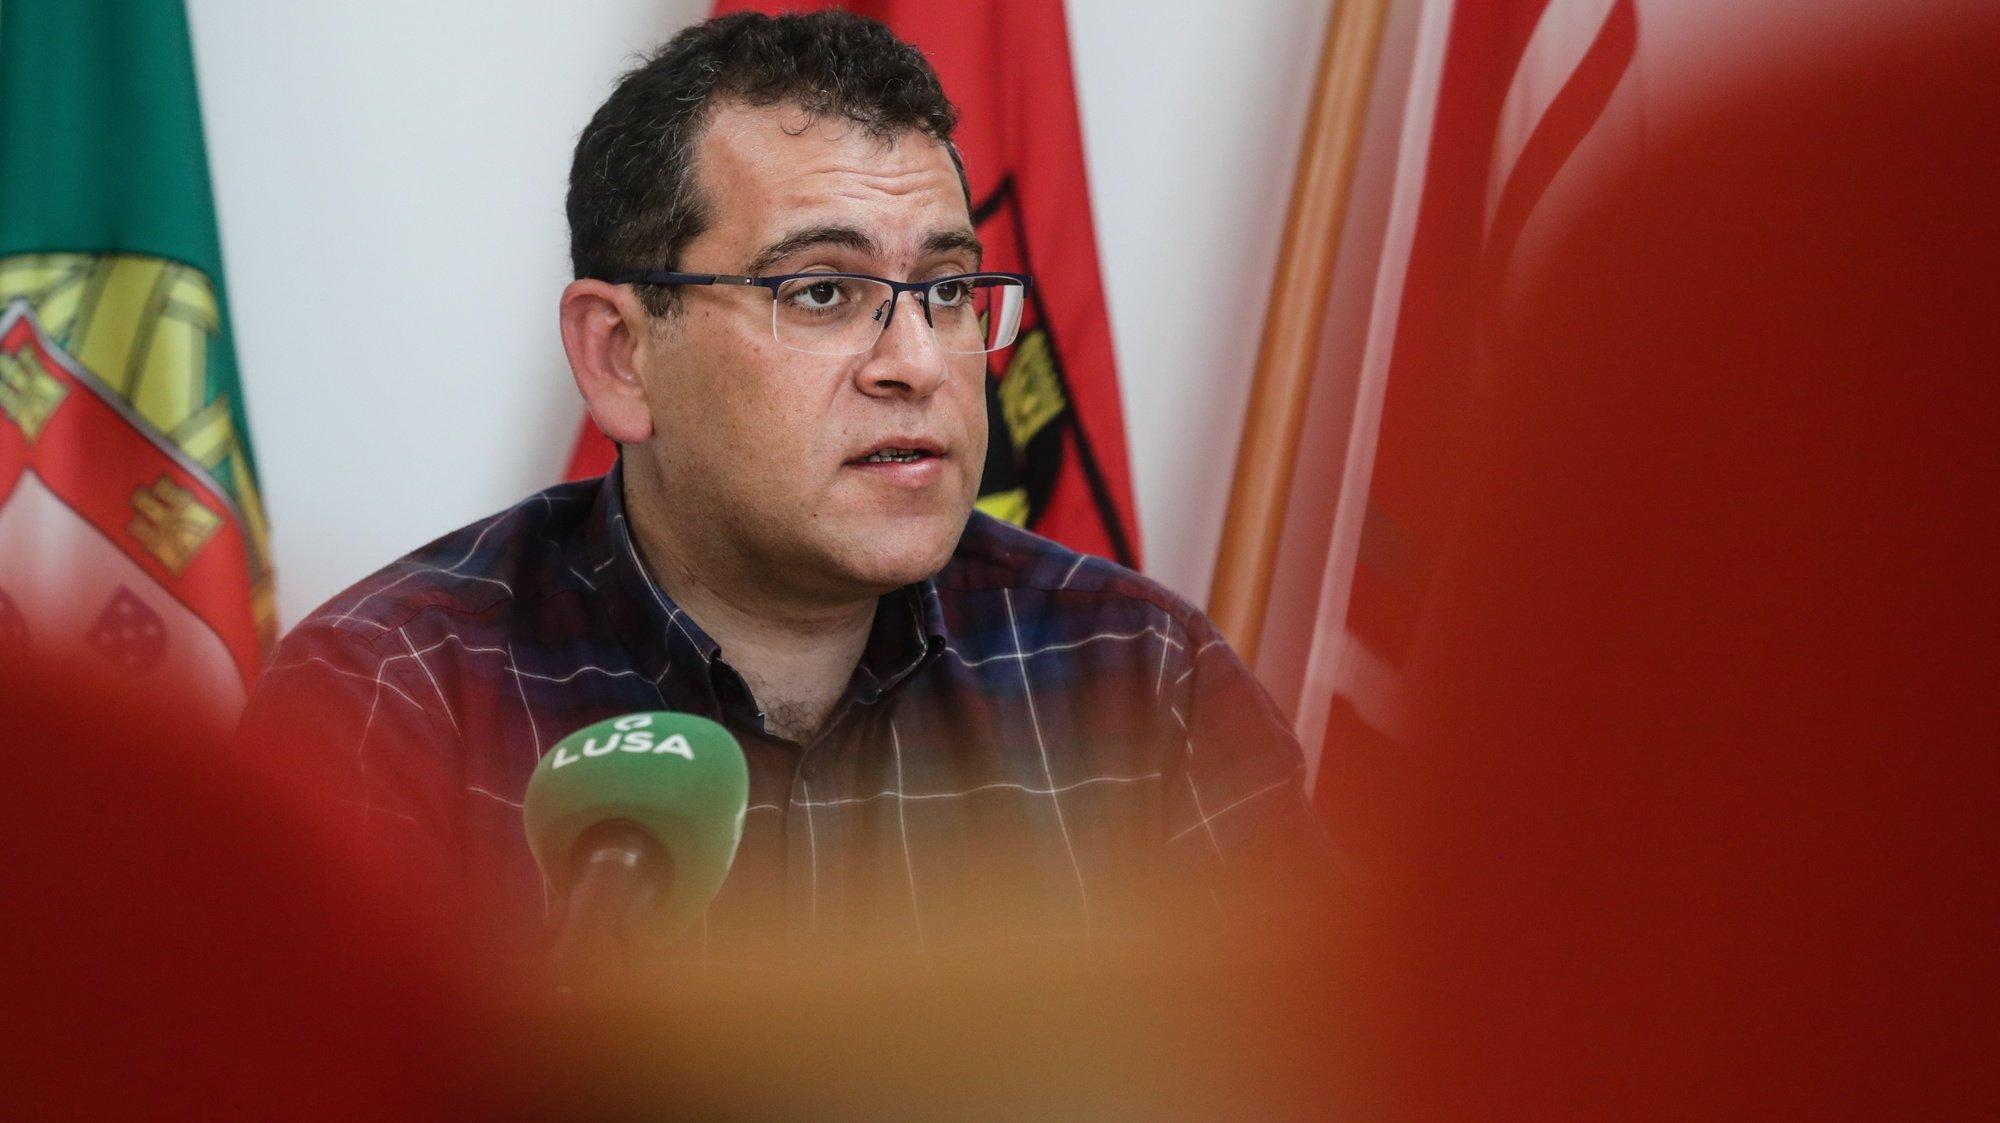 O coordenador da Frente Comum, Sebastião Santana, falou numa conferência de imprensa onde anunciou as conclusões da coordenadora da Frente Comum, relativas ao desenvolvimento da Luta na Administração Pública na sede em Lisboa, 06 de abril de 2021. TIAGO PETINGA/LUSA